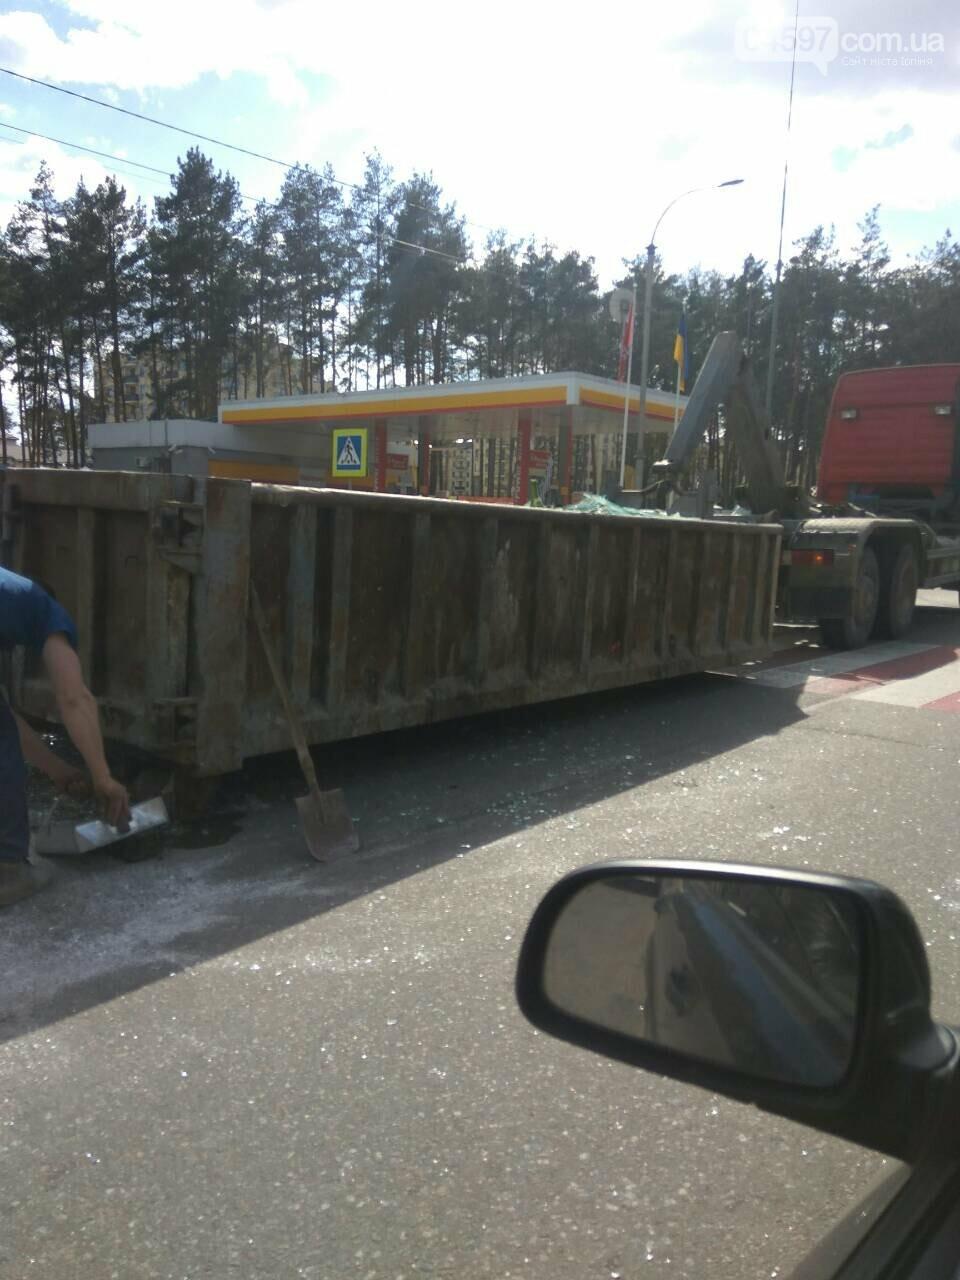 Увага водіям: на Варшавській трасі фура перекрила рух, фото-1